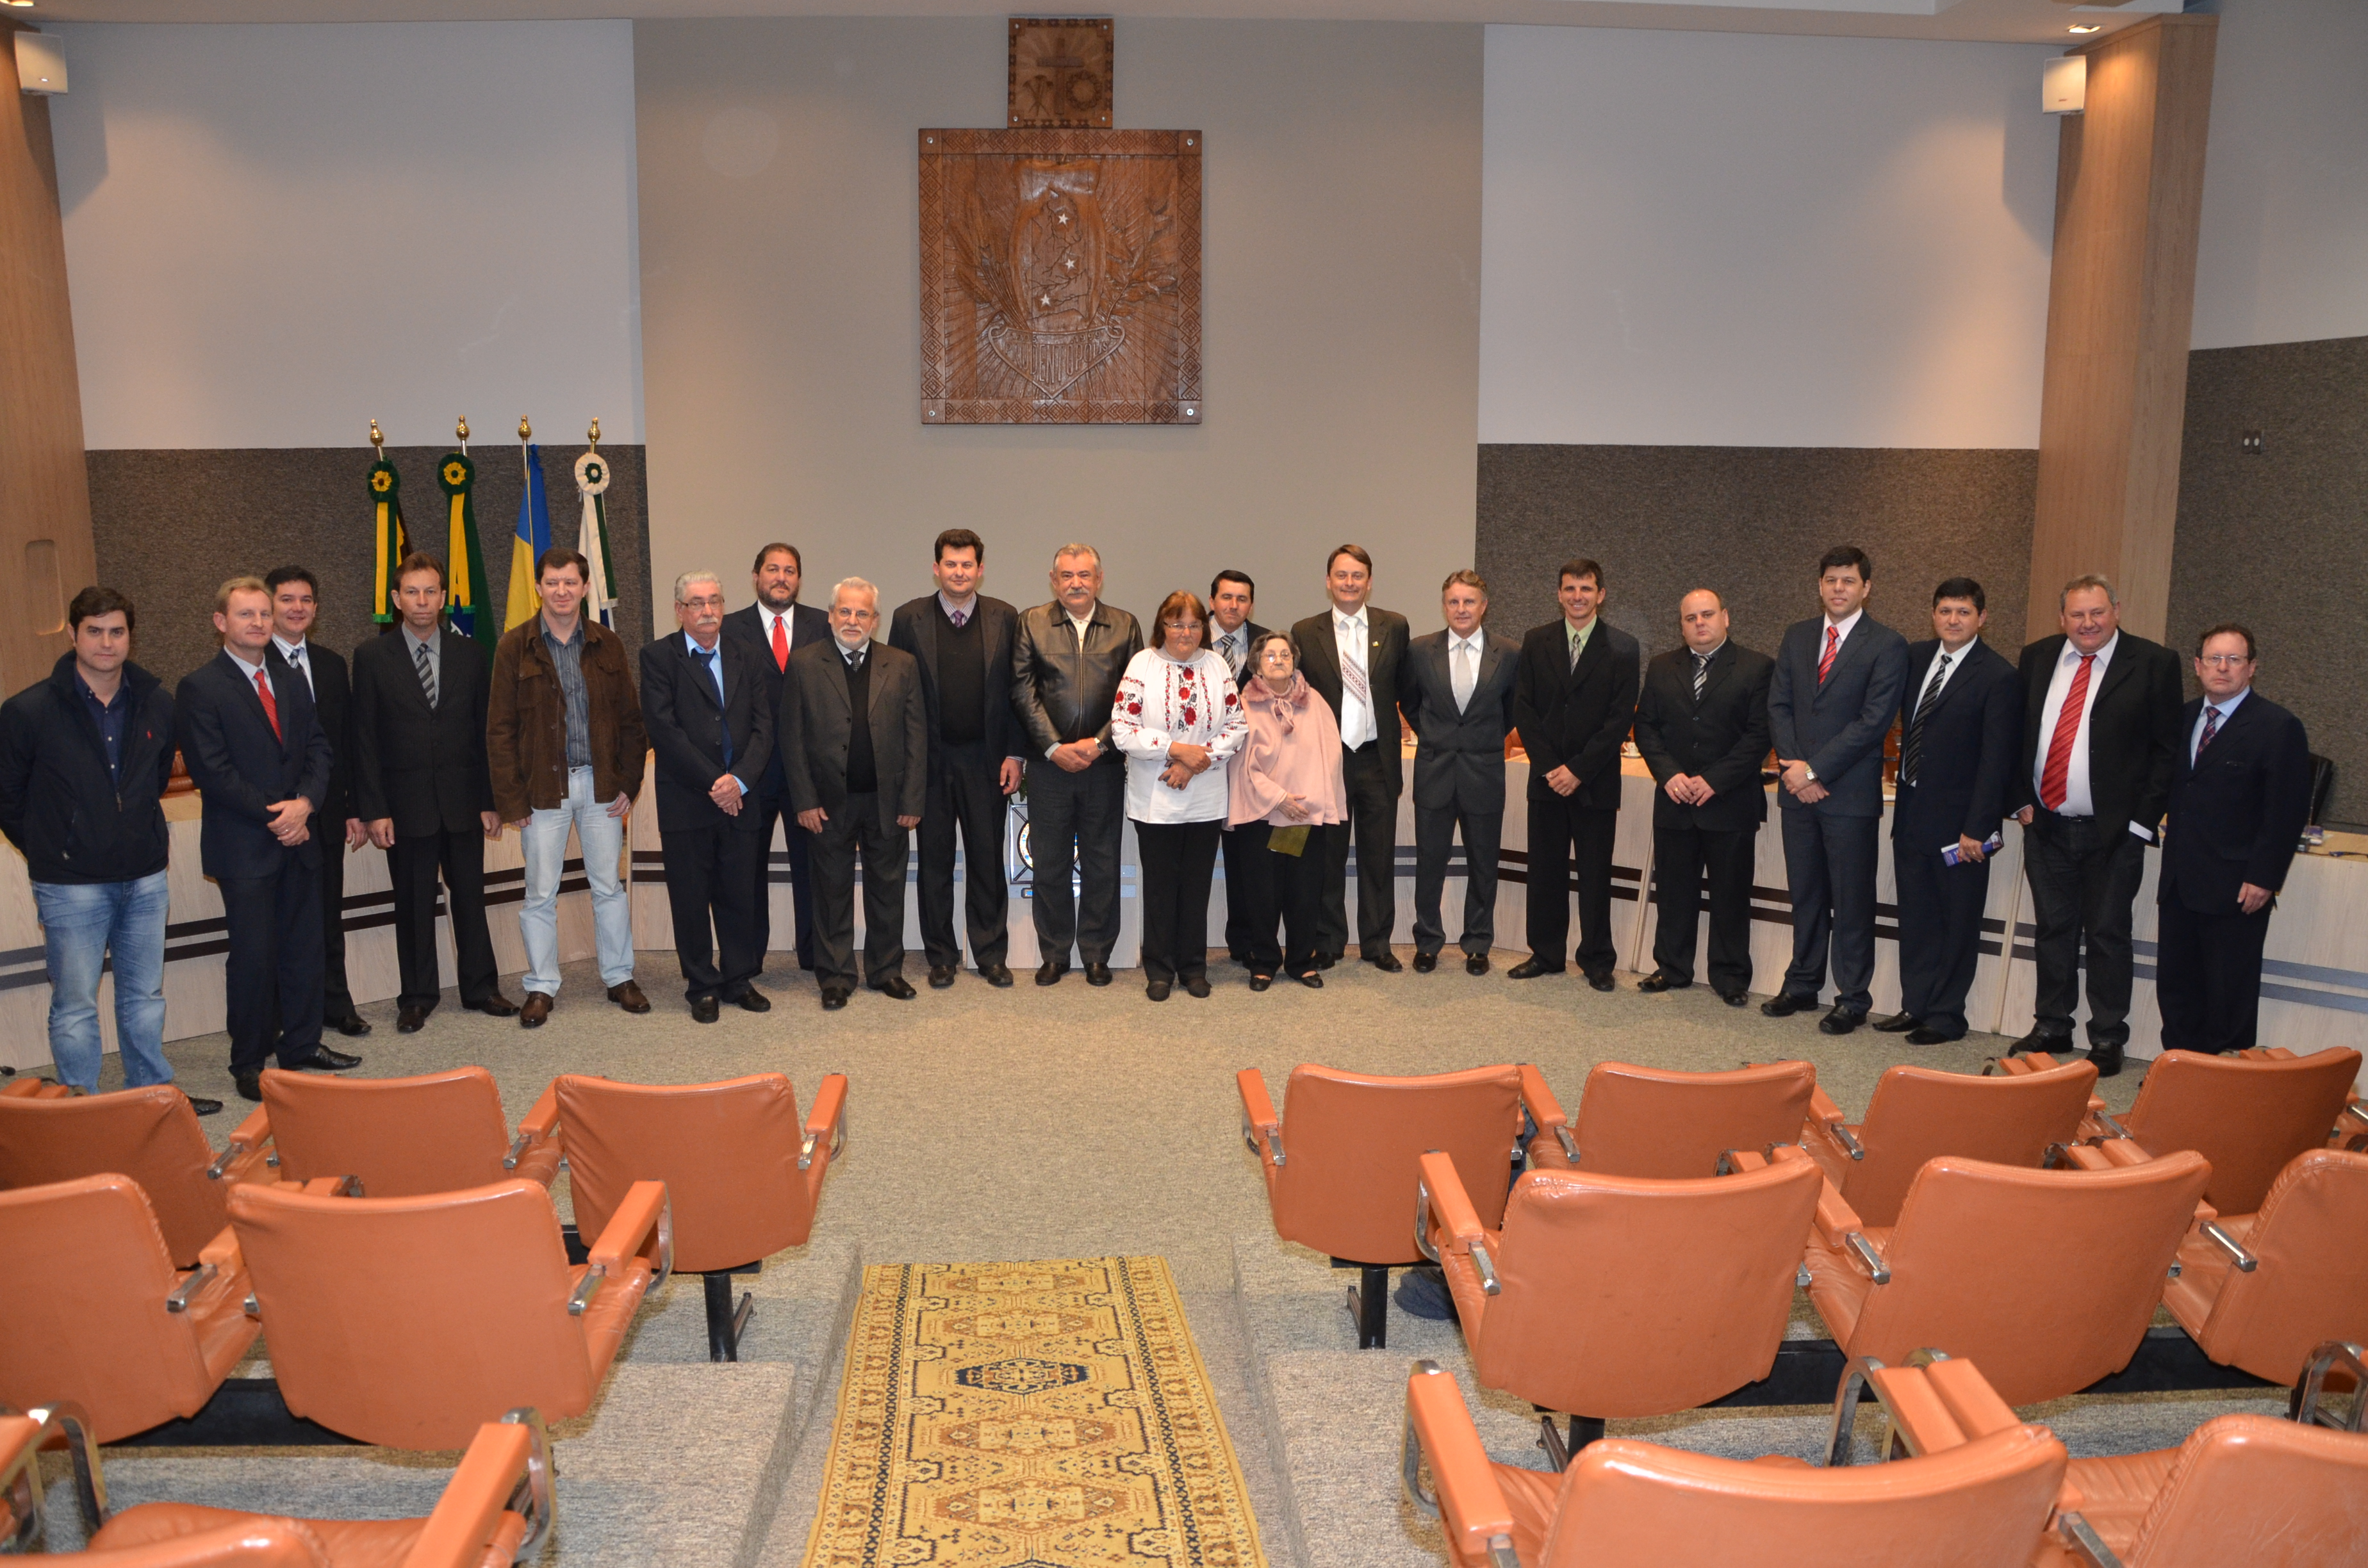 Autoridades junto aos homenageados da comemora��o dos 107 anos de Prudent�polis